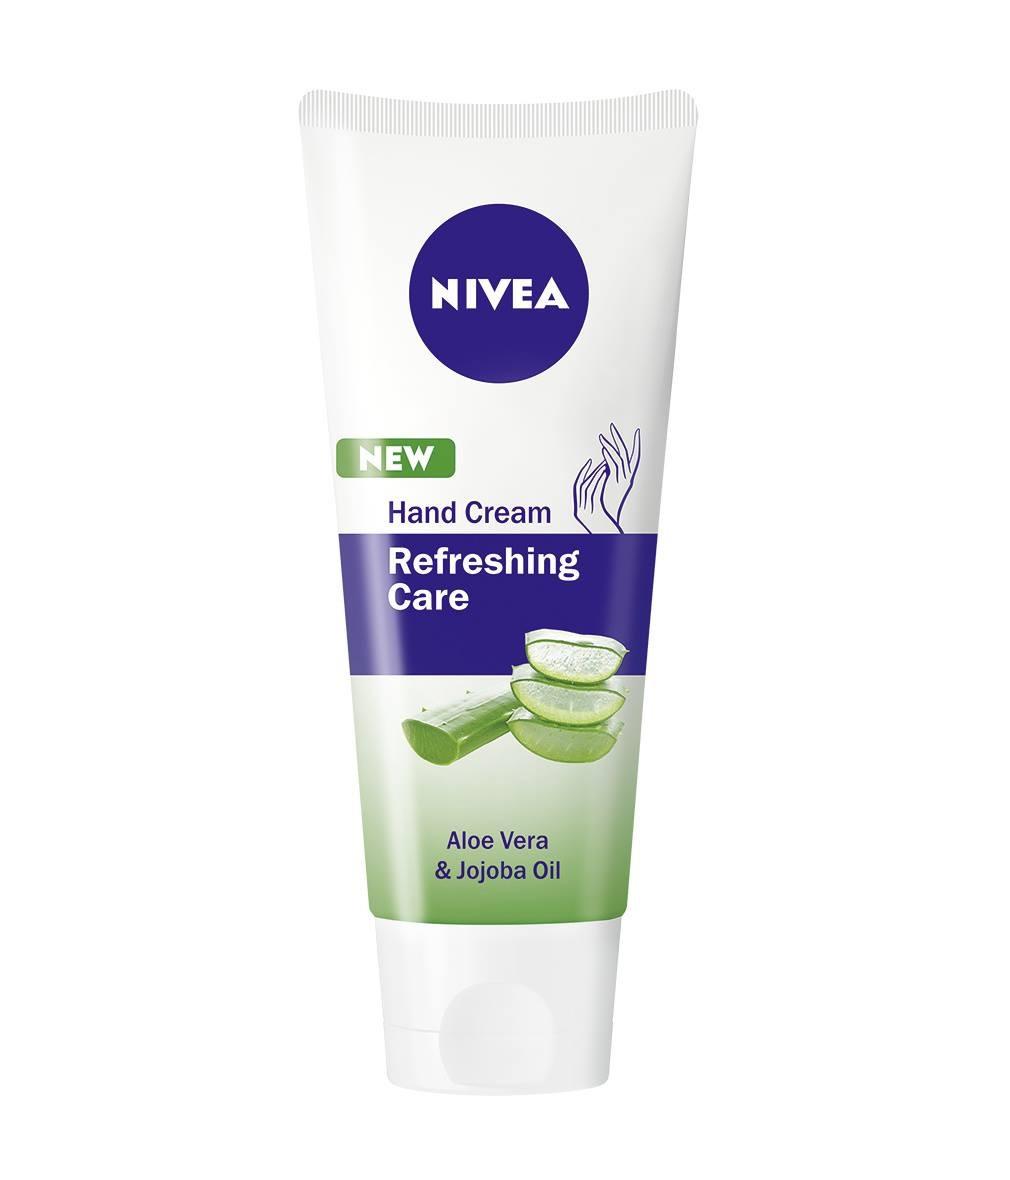 НИВЕА РЕФРЕШИНГ КЕЪР Крем за ръце 75мл | NIVEA REFRESHING CARE Hand cream 75ml